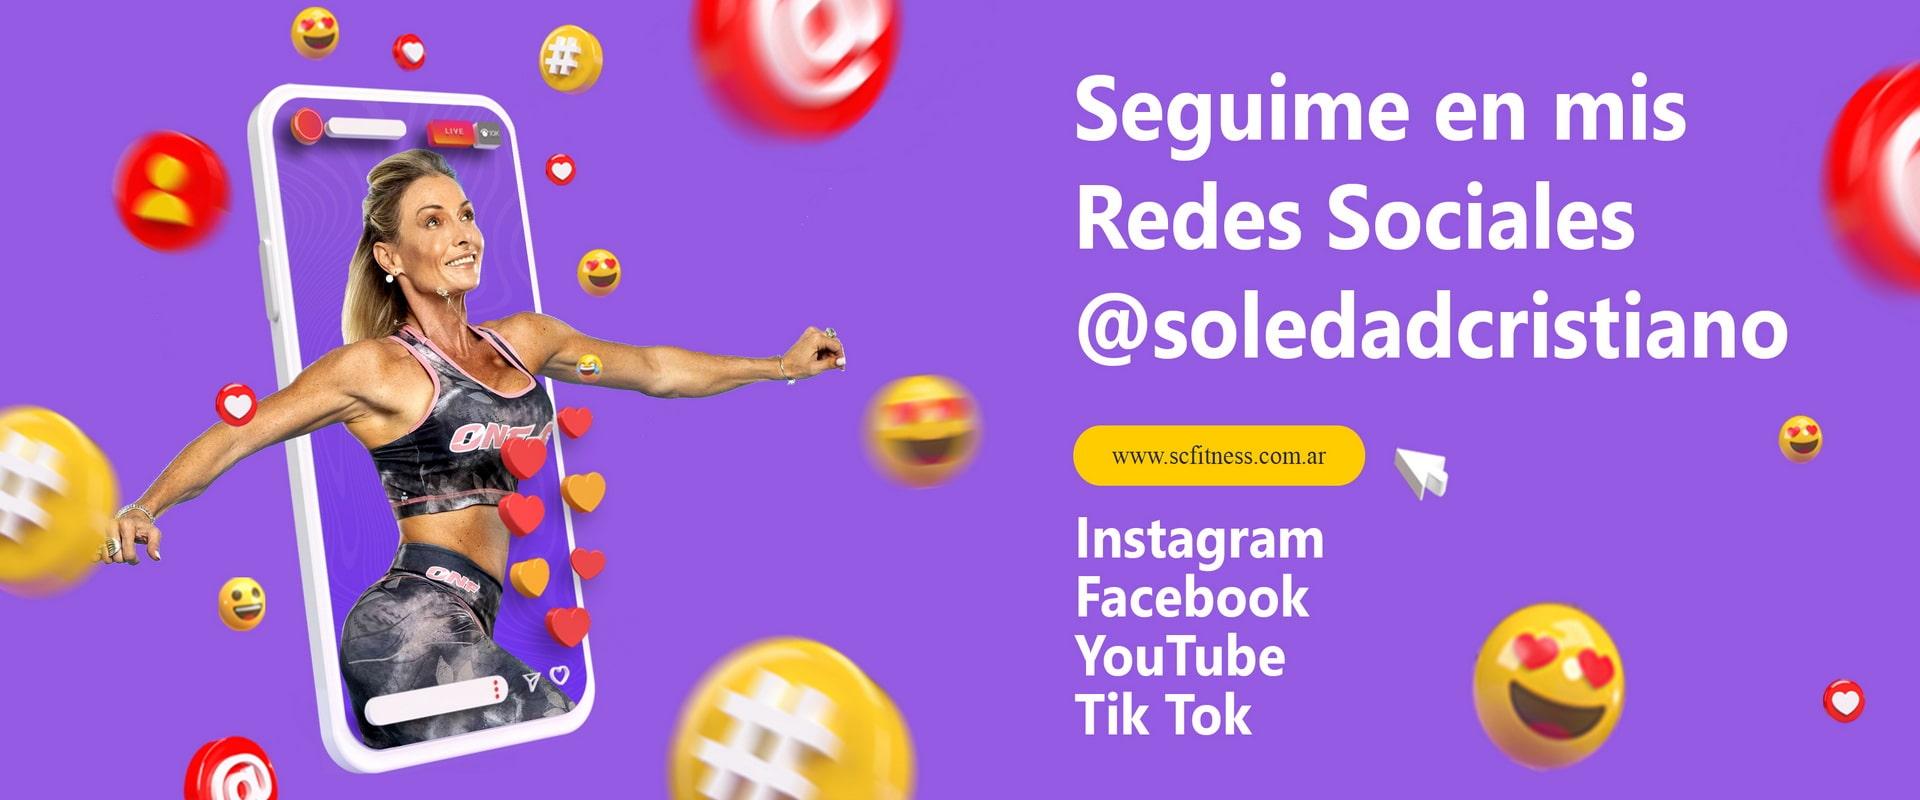 2021_septiembre_redes_sociales-min